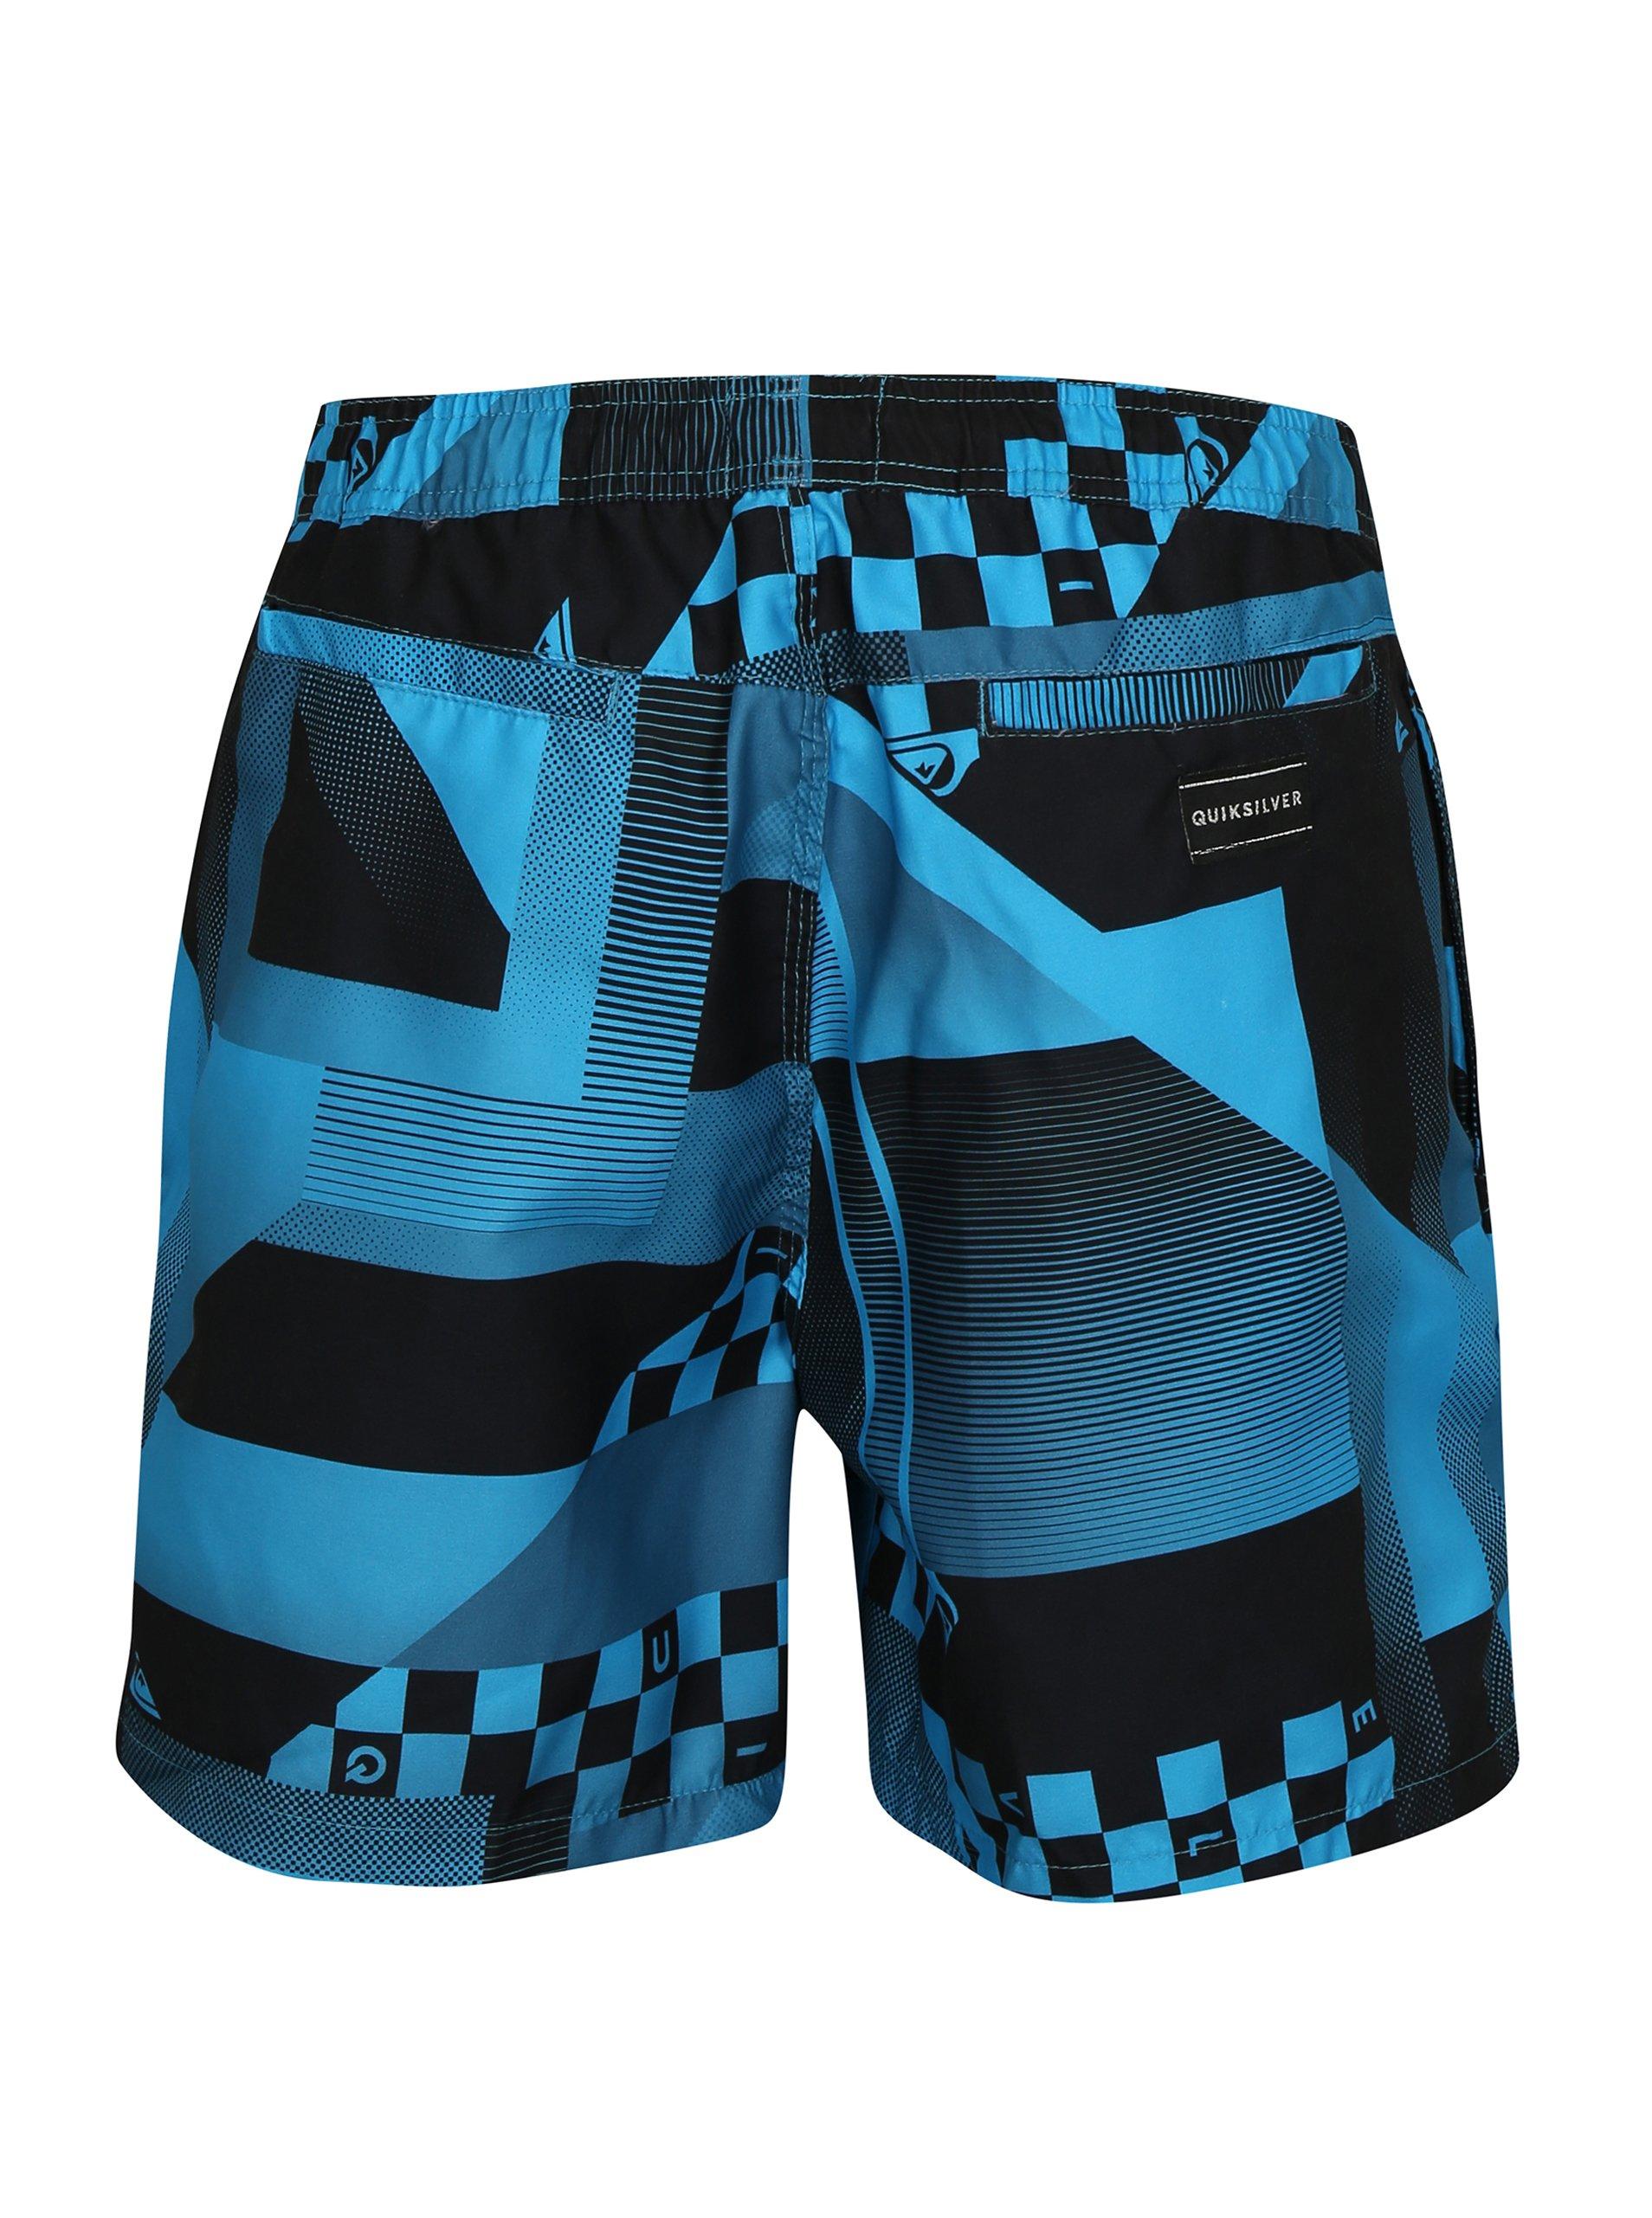 3cc9381b866 Černo-modré pánské vzorované plavky Quiksilver